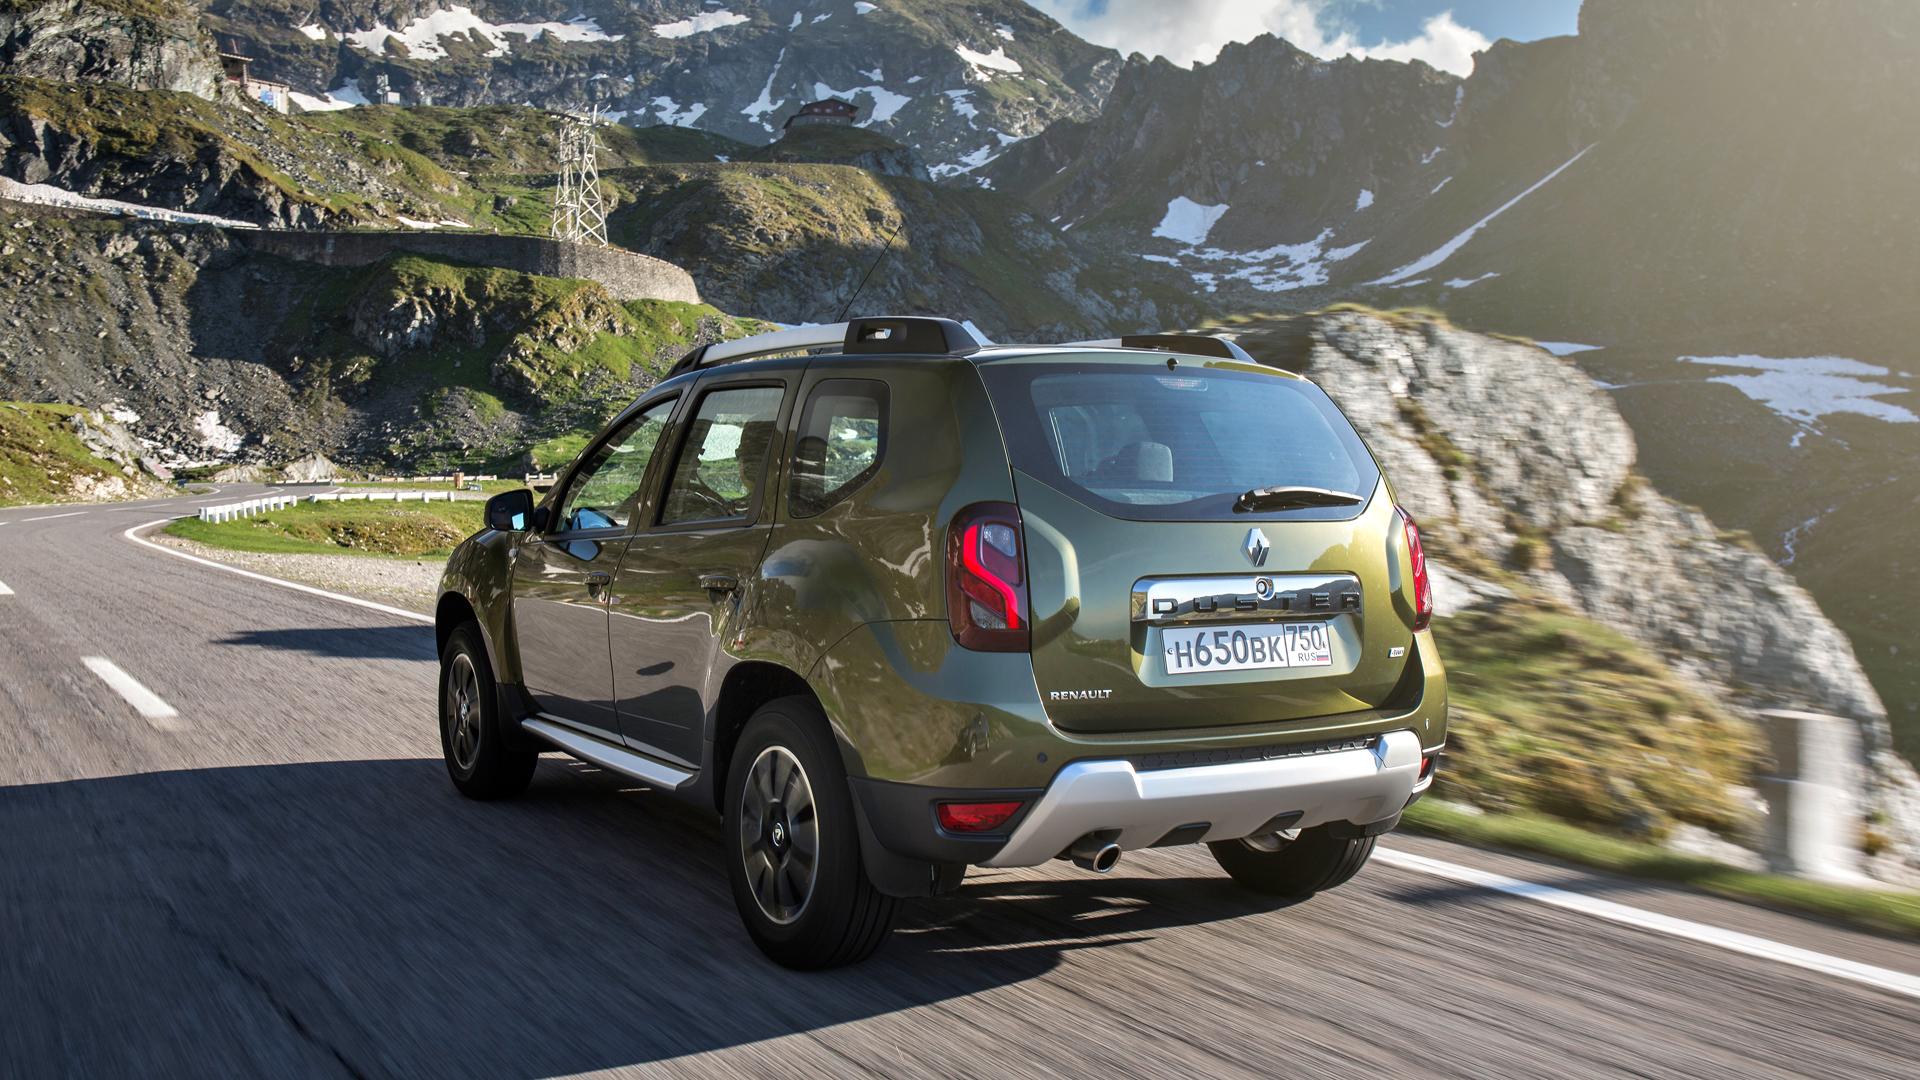 Знакомимся с обновленным Renault Duster, который изменился больше, чем кажется. Фото 6